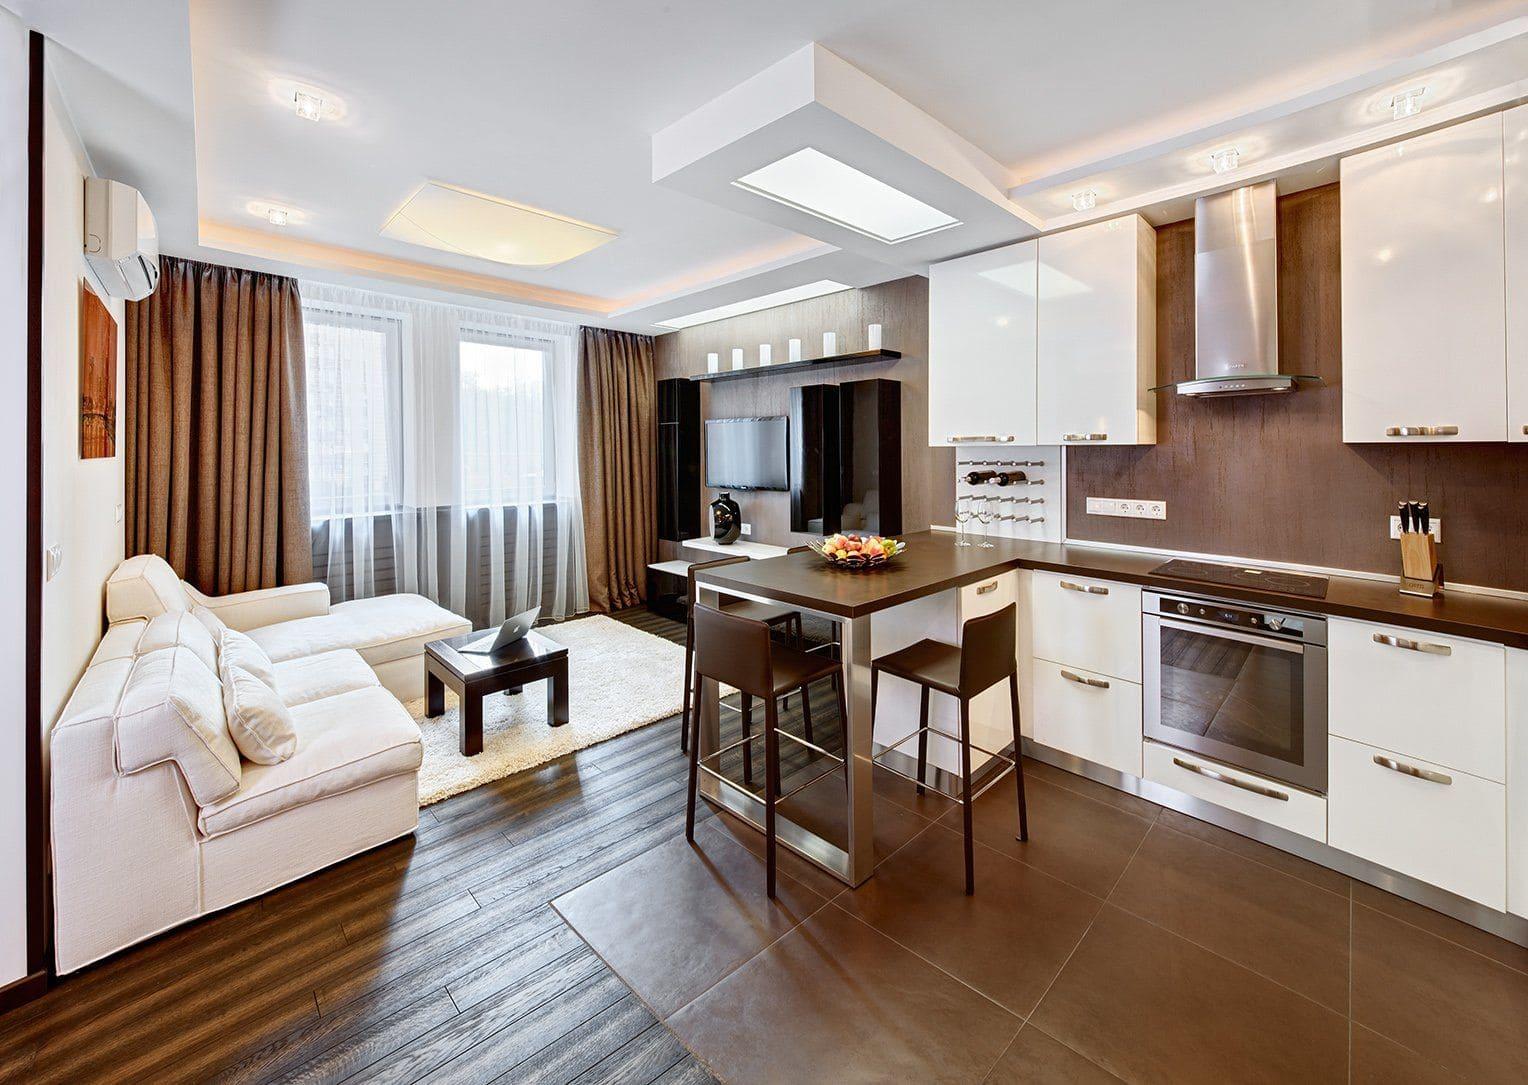 диван-кровать в кухне-спальне